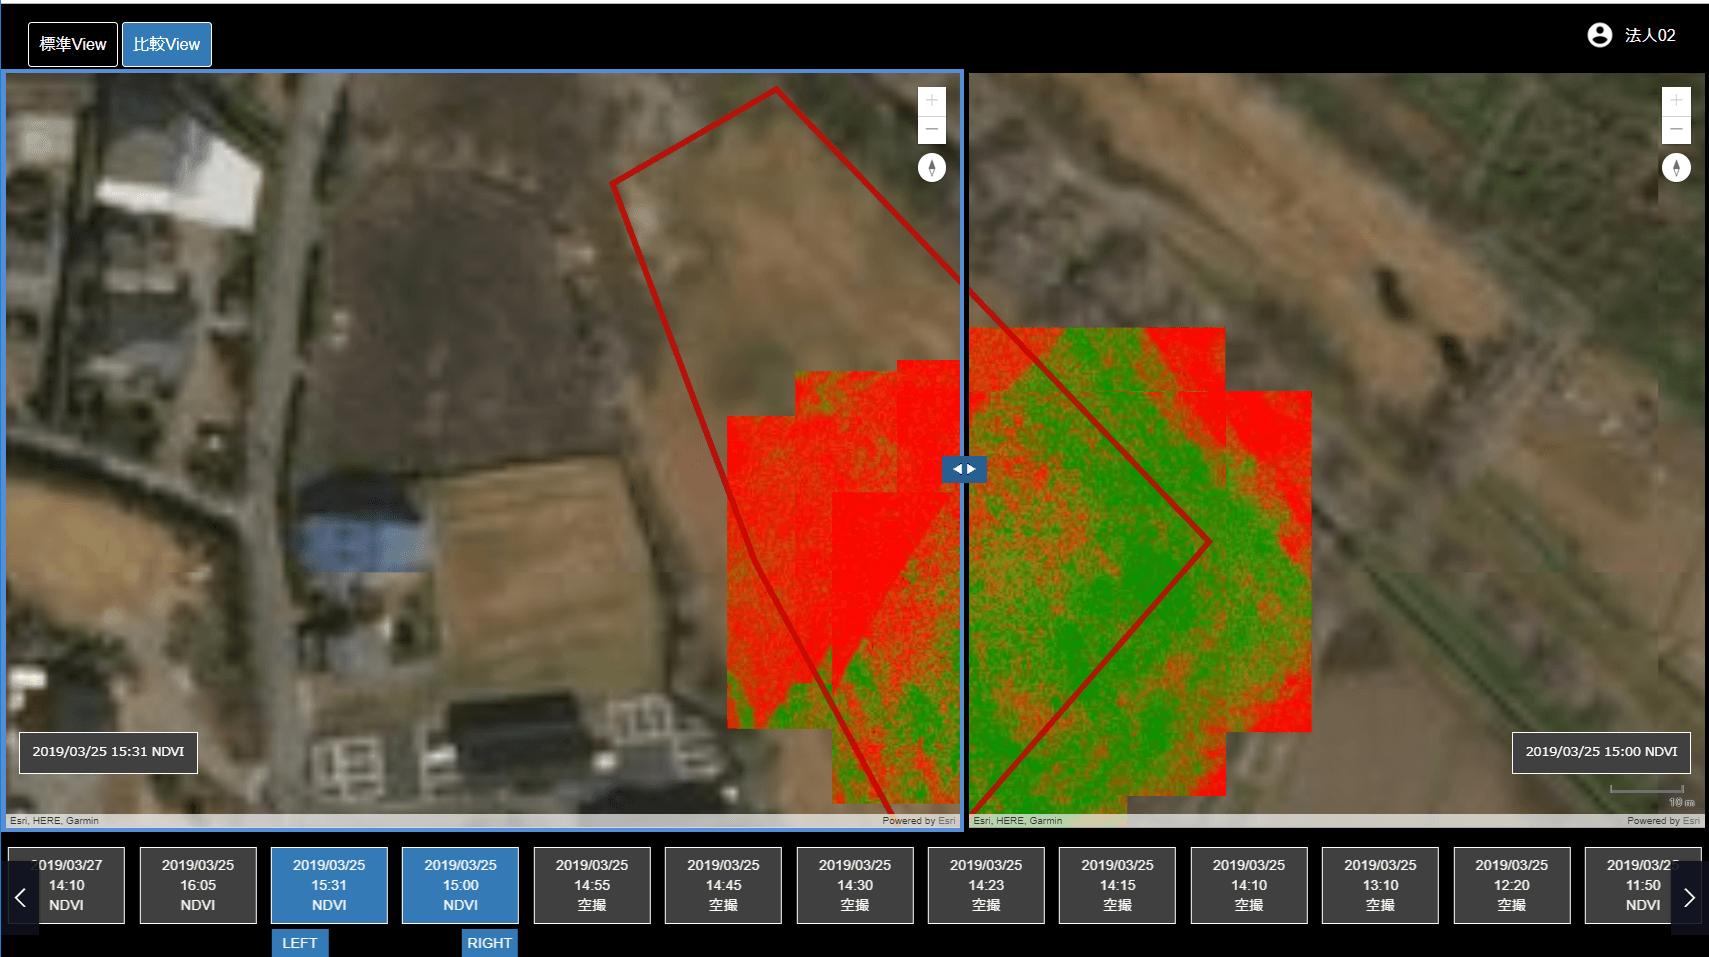 NTTドコモ ドローン農作業支援システム